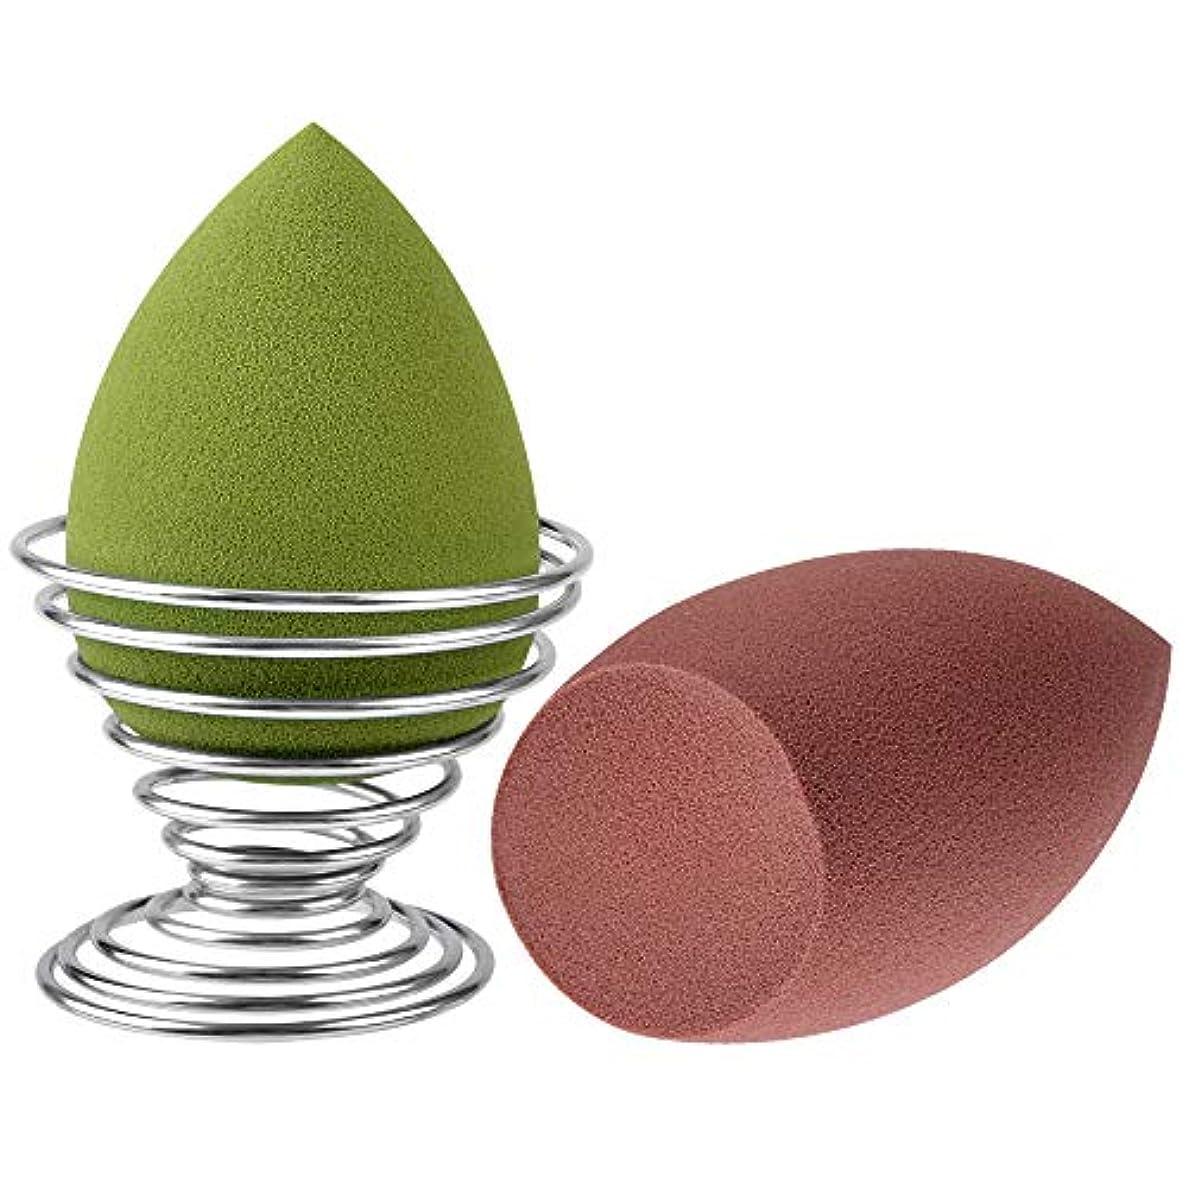 発生器最大限ピックメイクスポンジパフ Ninonly 化粧スポンジ ファンデーションパフ 人気の贈り物 乾湿兼用 しずく型 収納ホルダー付き